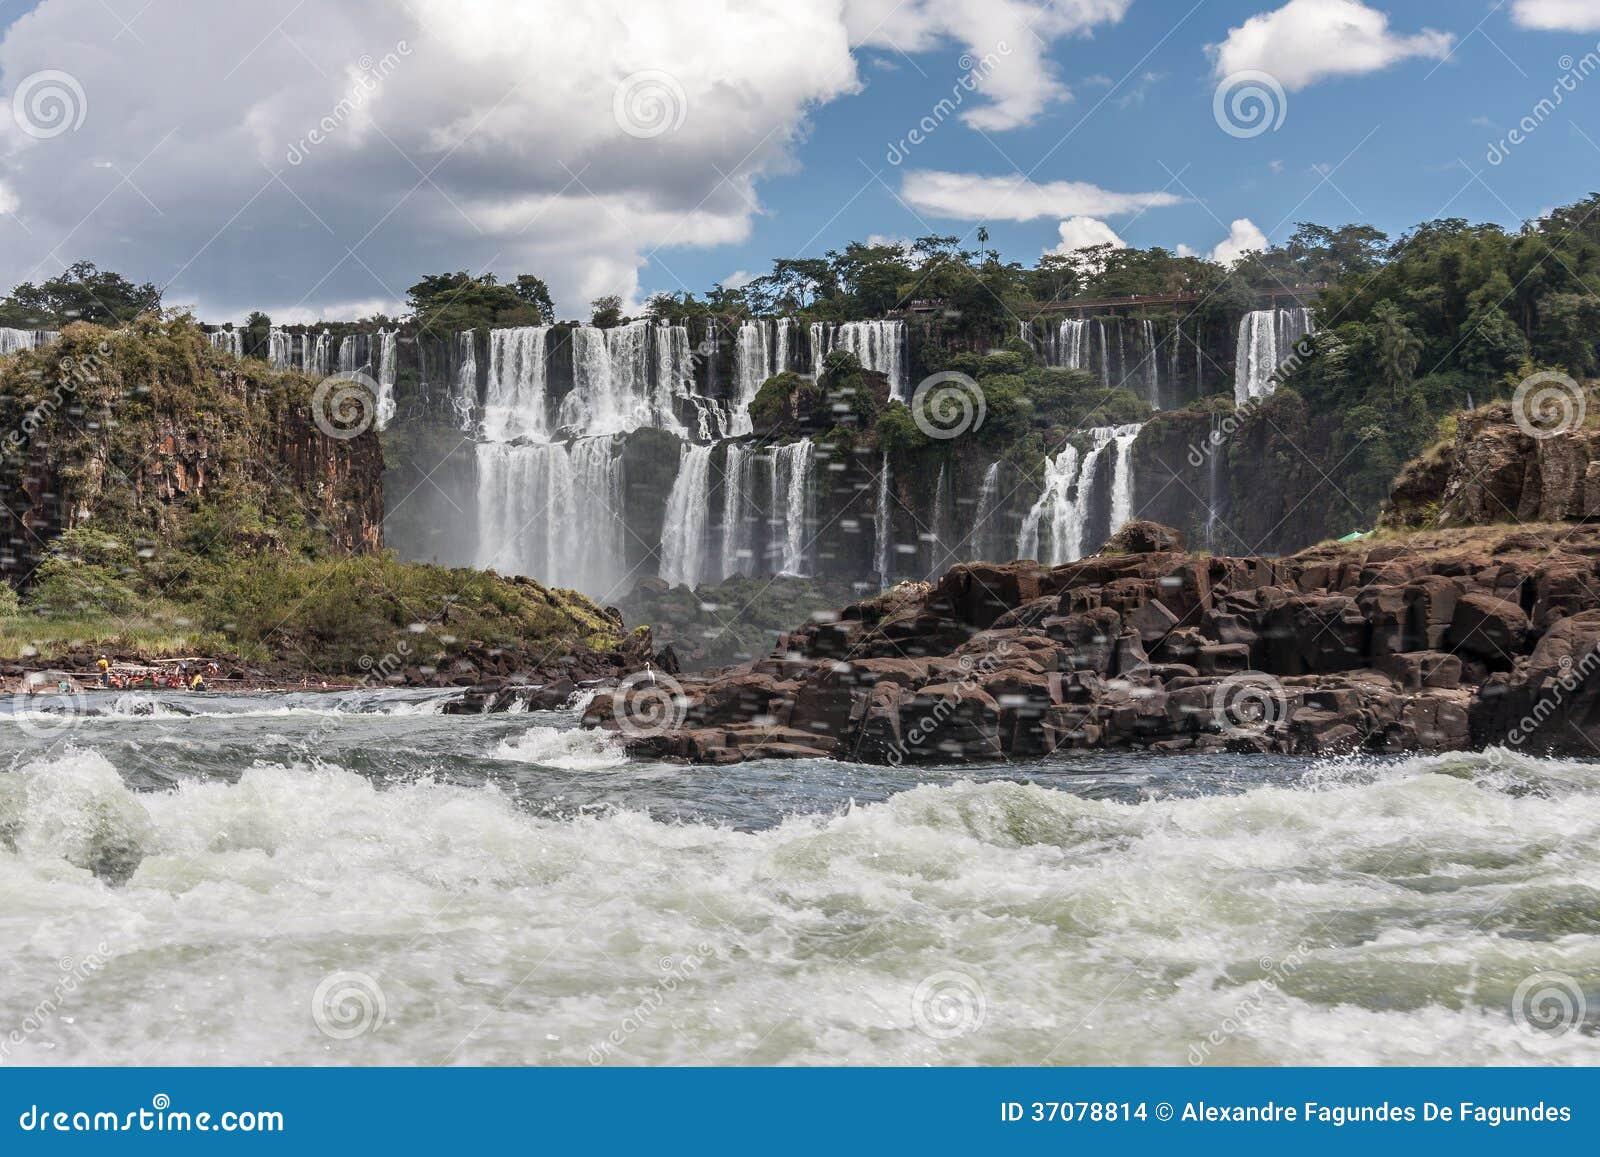 Download Foz Robi Iguassu Argentyna Brazylia Zdjęcie Stock - Obraz złożonej z iguassu, kamienie: 37078814